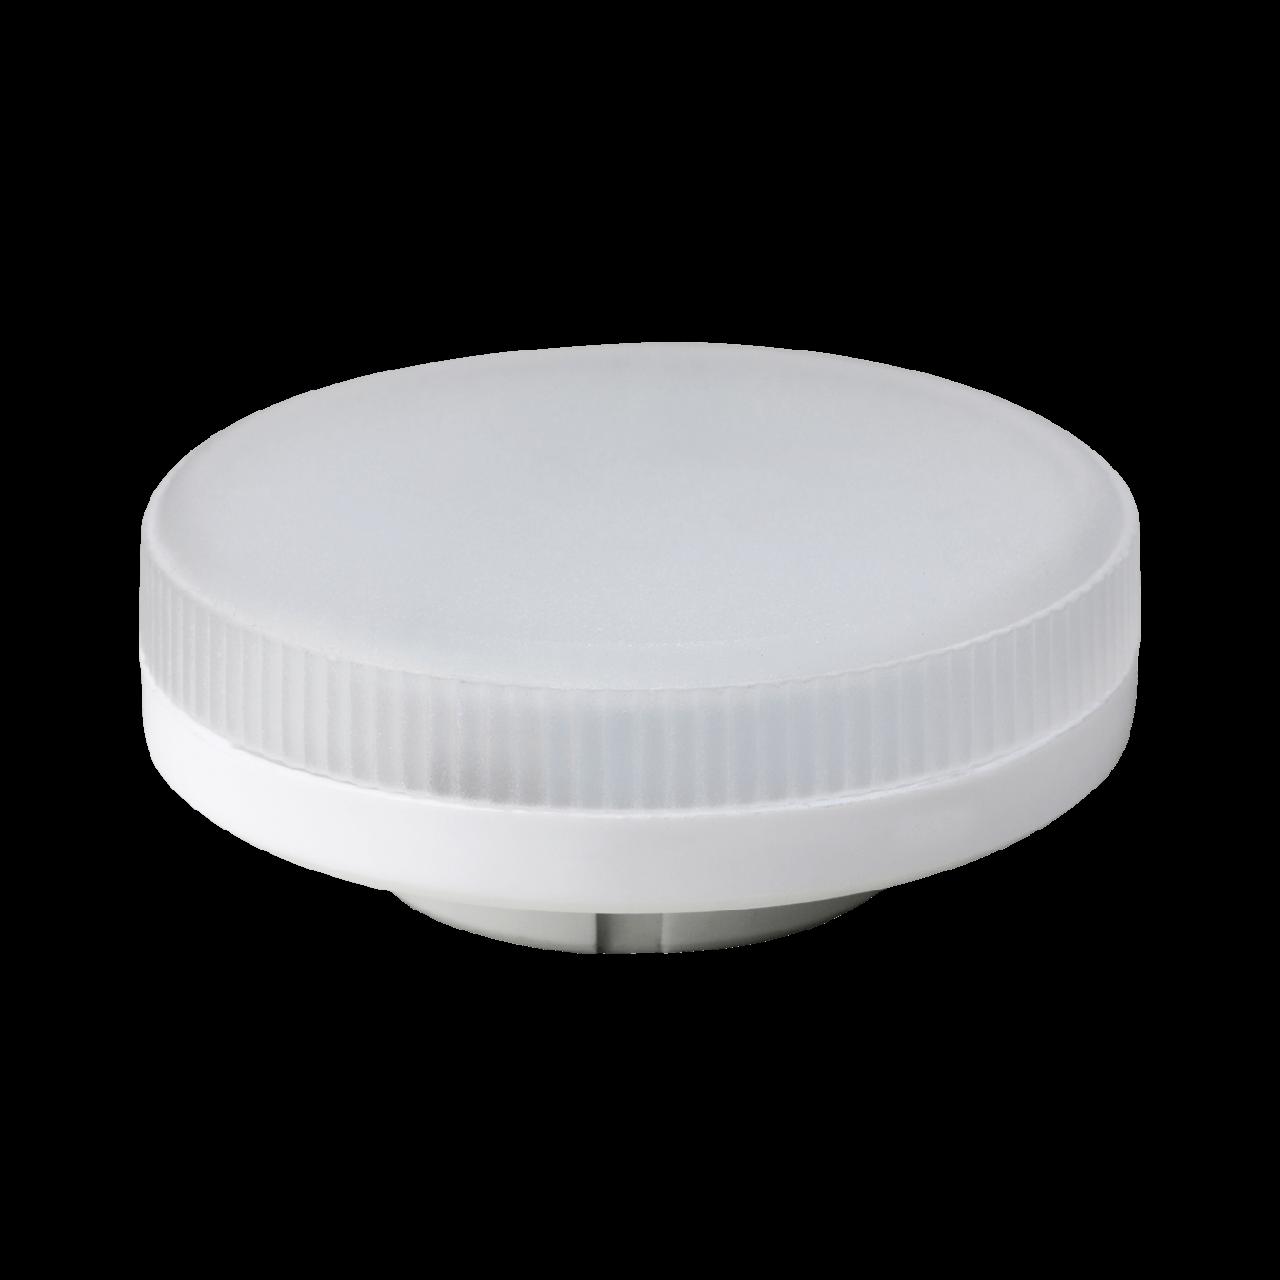 Светодиодная лампа Ilumia 6 Вт, цоколь GX53, 4000К (нейтральный белый), 450Лм (054)